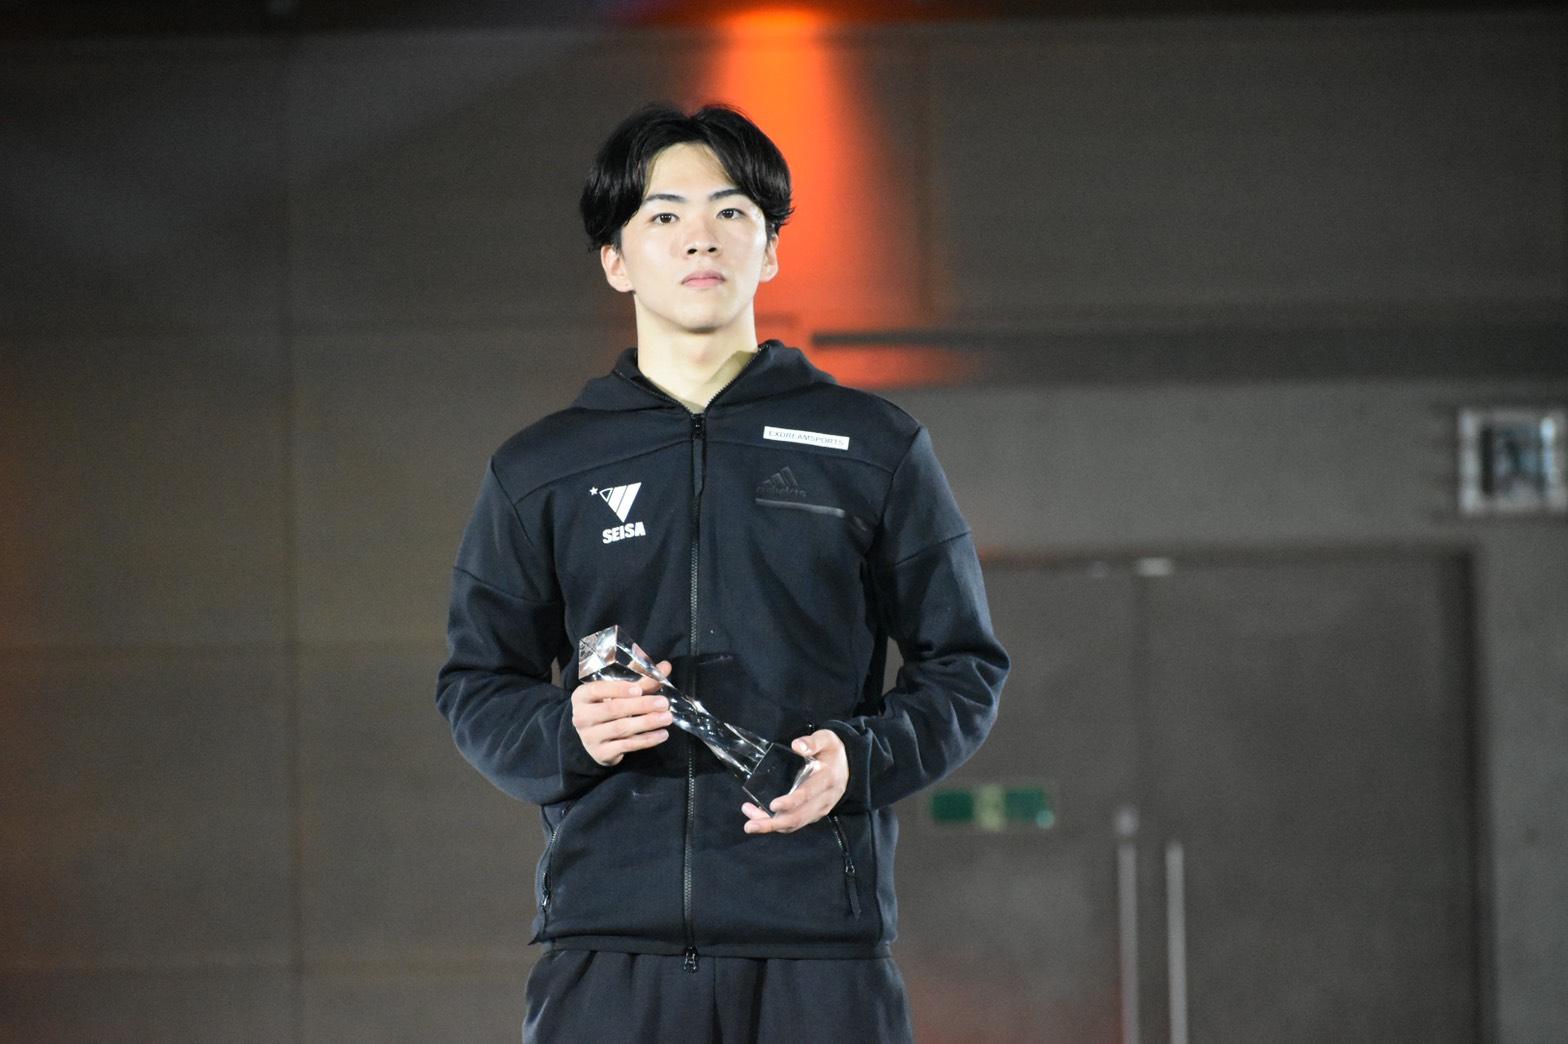 【速報】フェンシング小久保真旺、二冠達成!